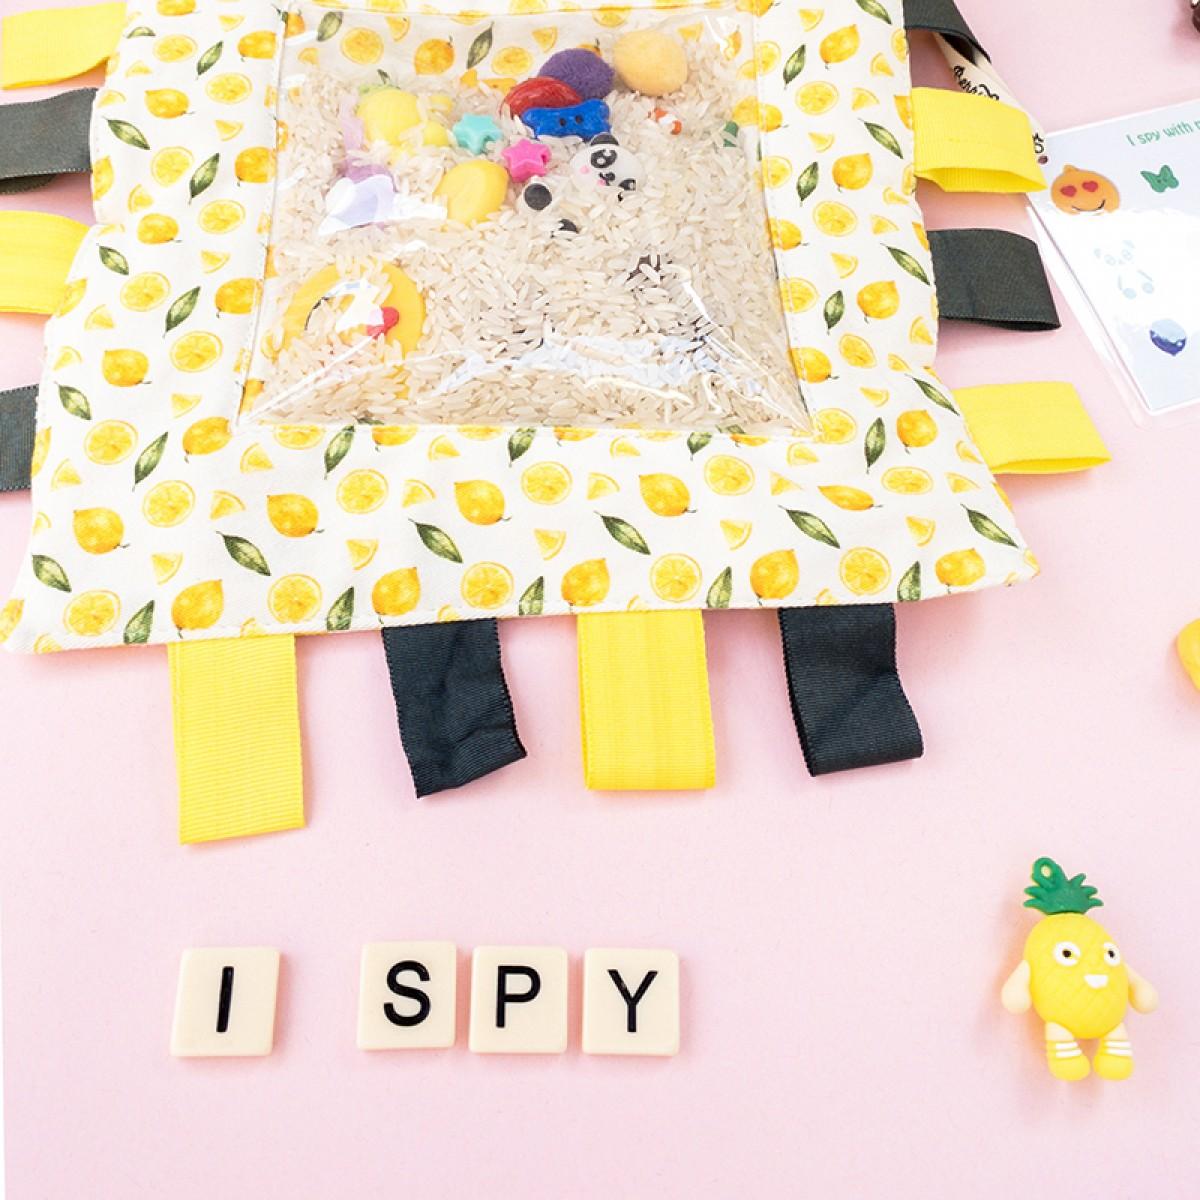 I Spy Bag - Lemons blossom